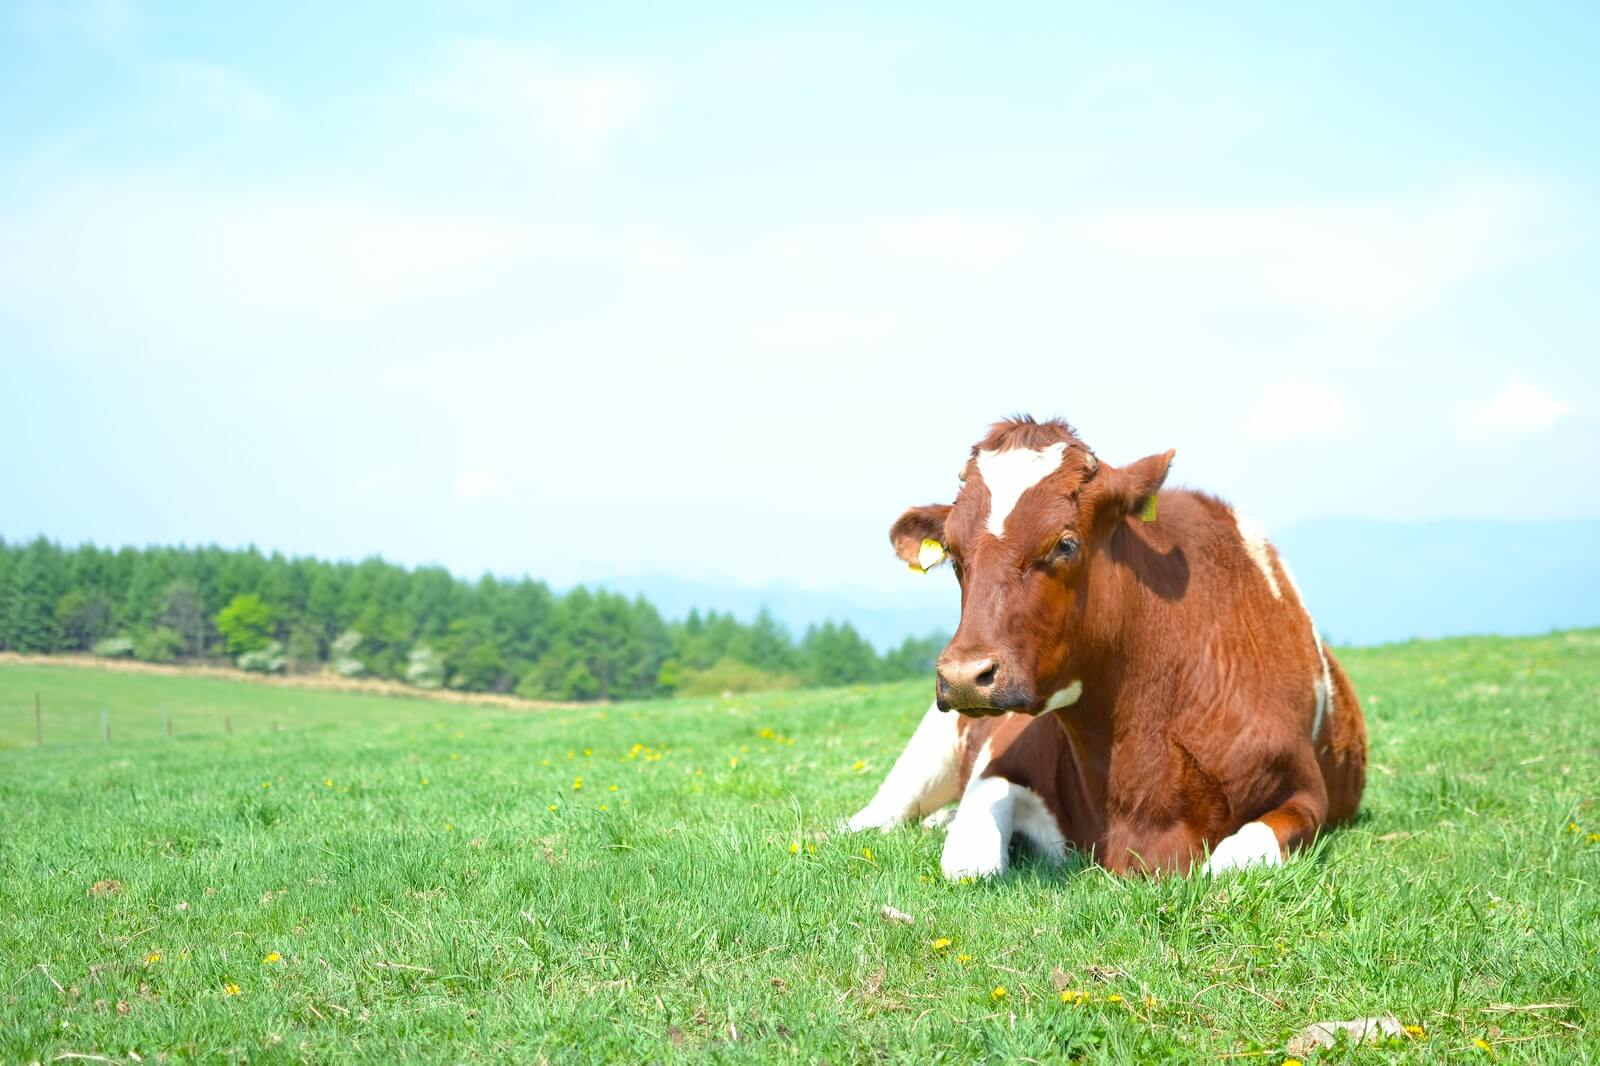 【星座×アロマテラピー】牡牛座の心と体におすすめのアロマテラピー